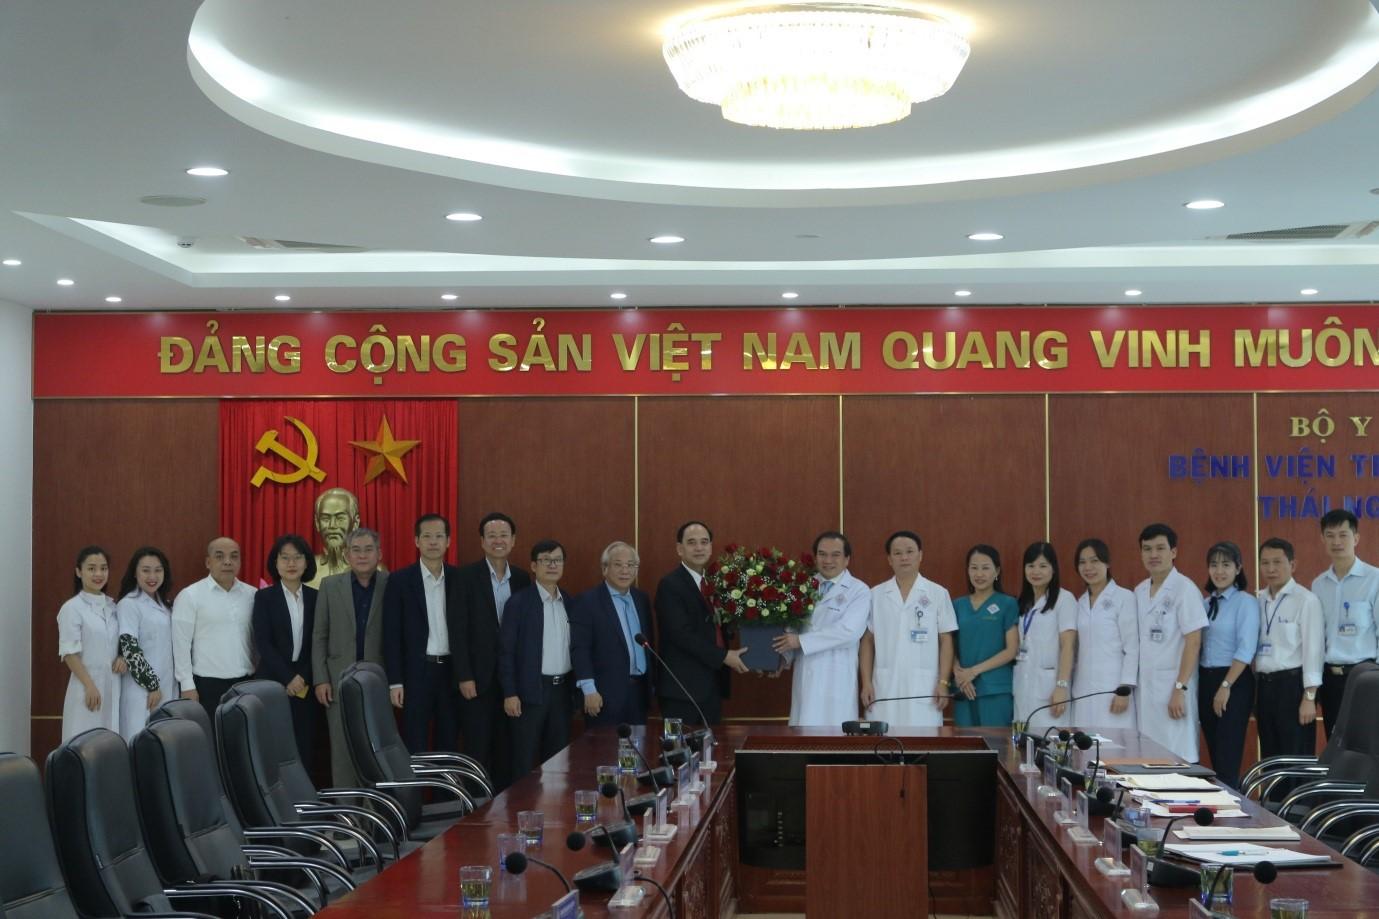 Đoàn công tác của Bộ Y tế thăm và làm việc tại Bệnh viện